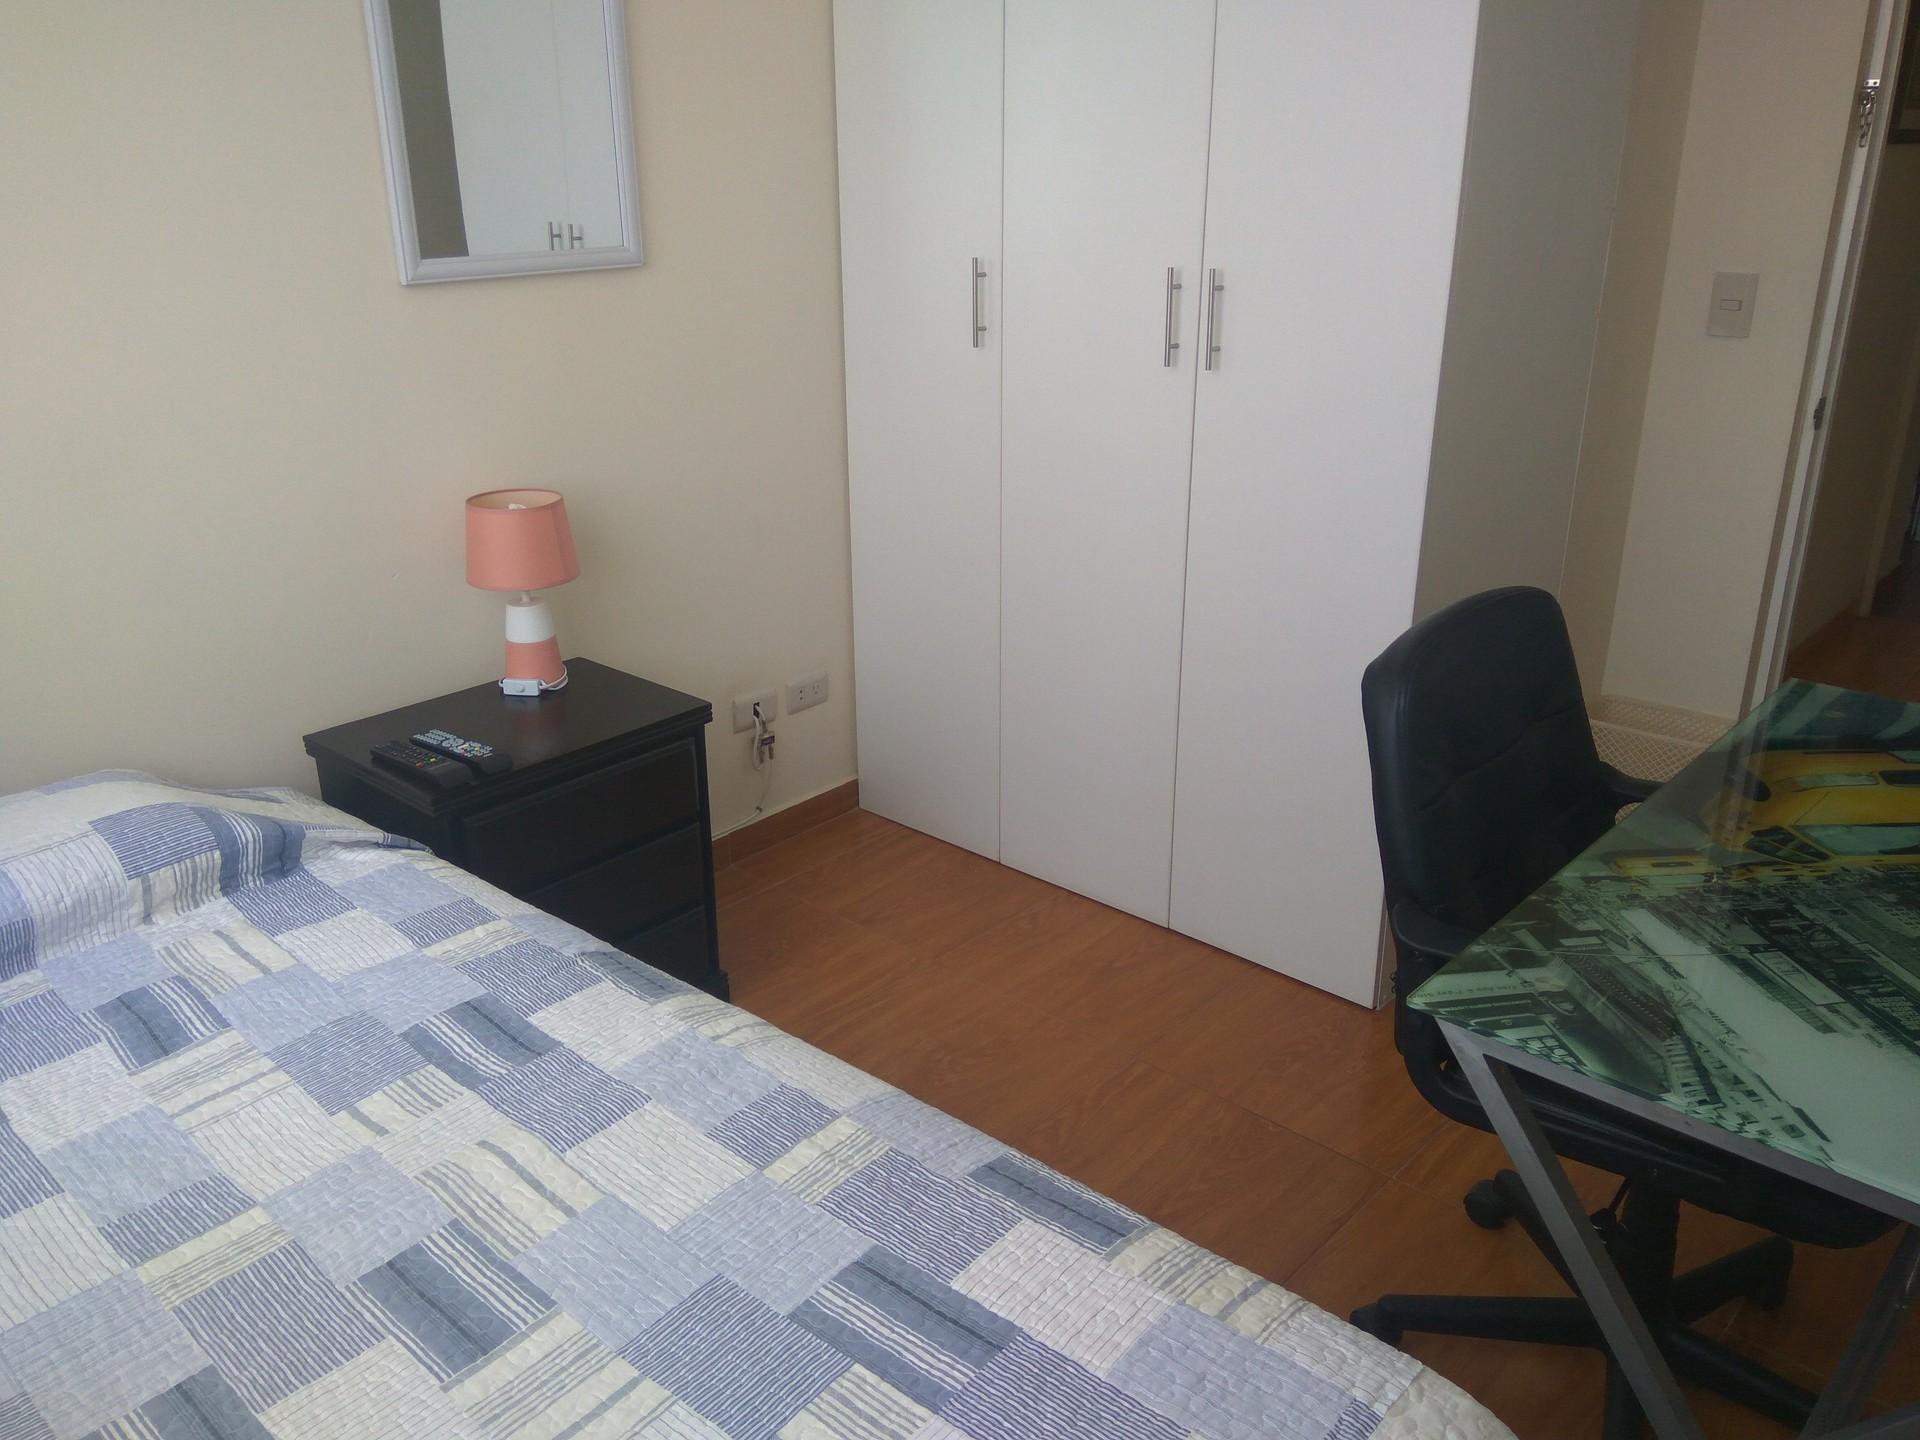 Alquiler de Habitación Amoblada en San Miguel - Lima - Perú ...